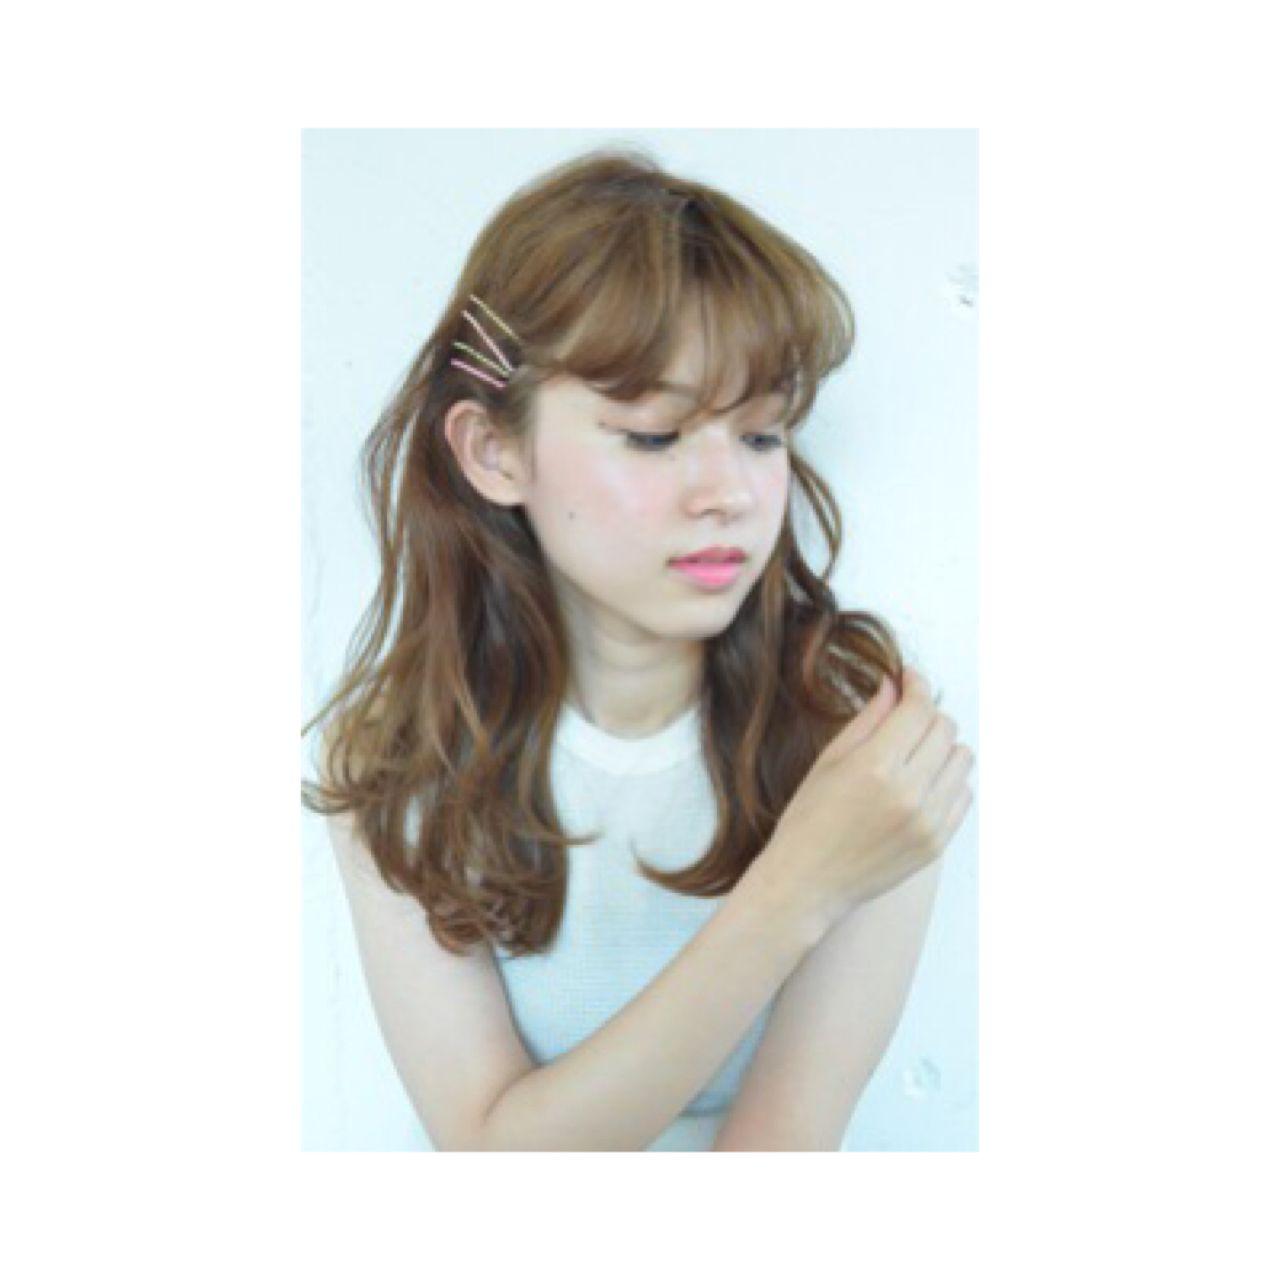 外国人風 黒髪 外国人風カラー ヘアアレンジ ヘアスタイルや髪型の写真・画像 | ツルタアキ(cover.daimyo) / cover.